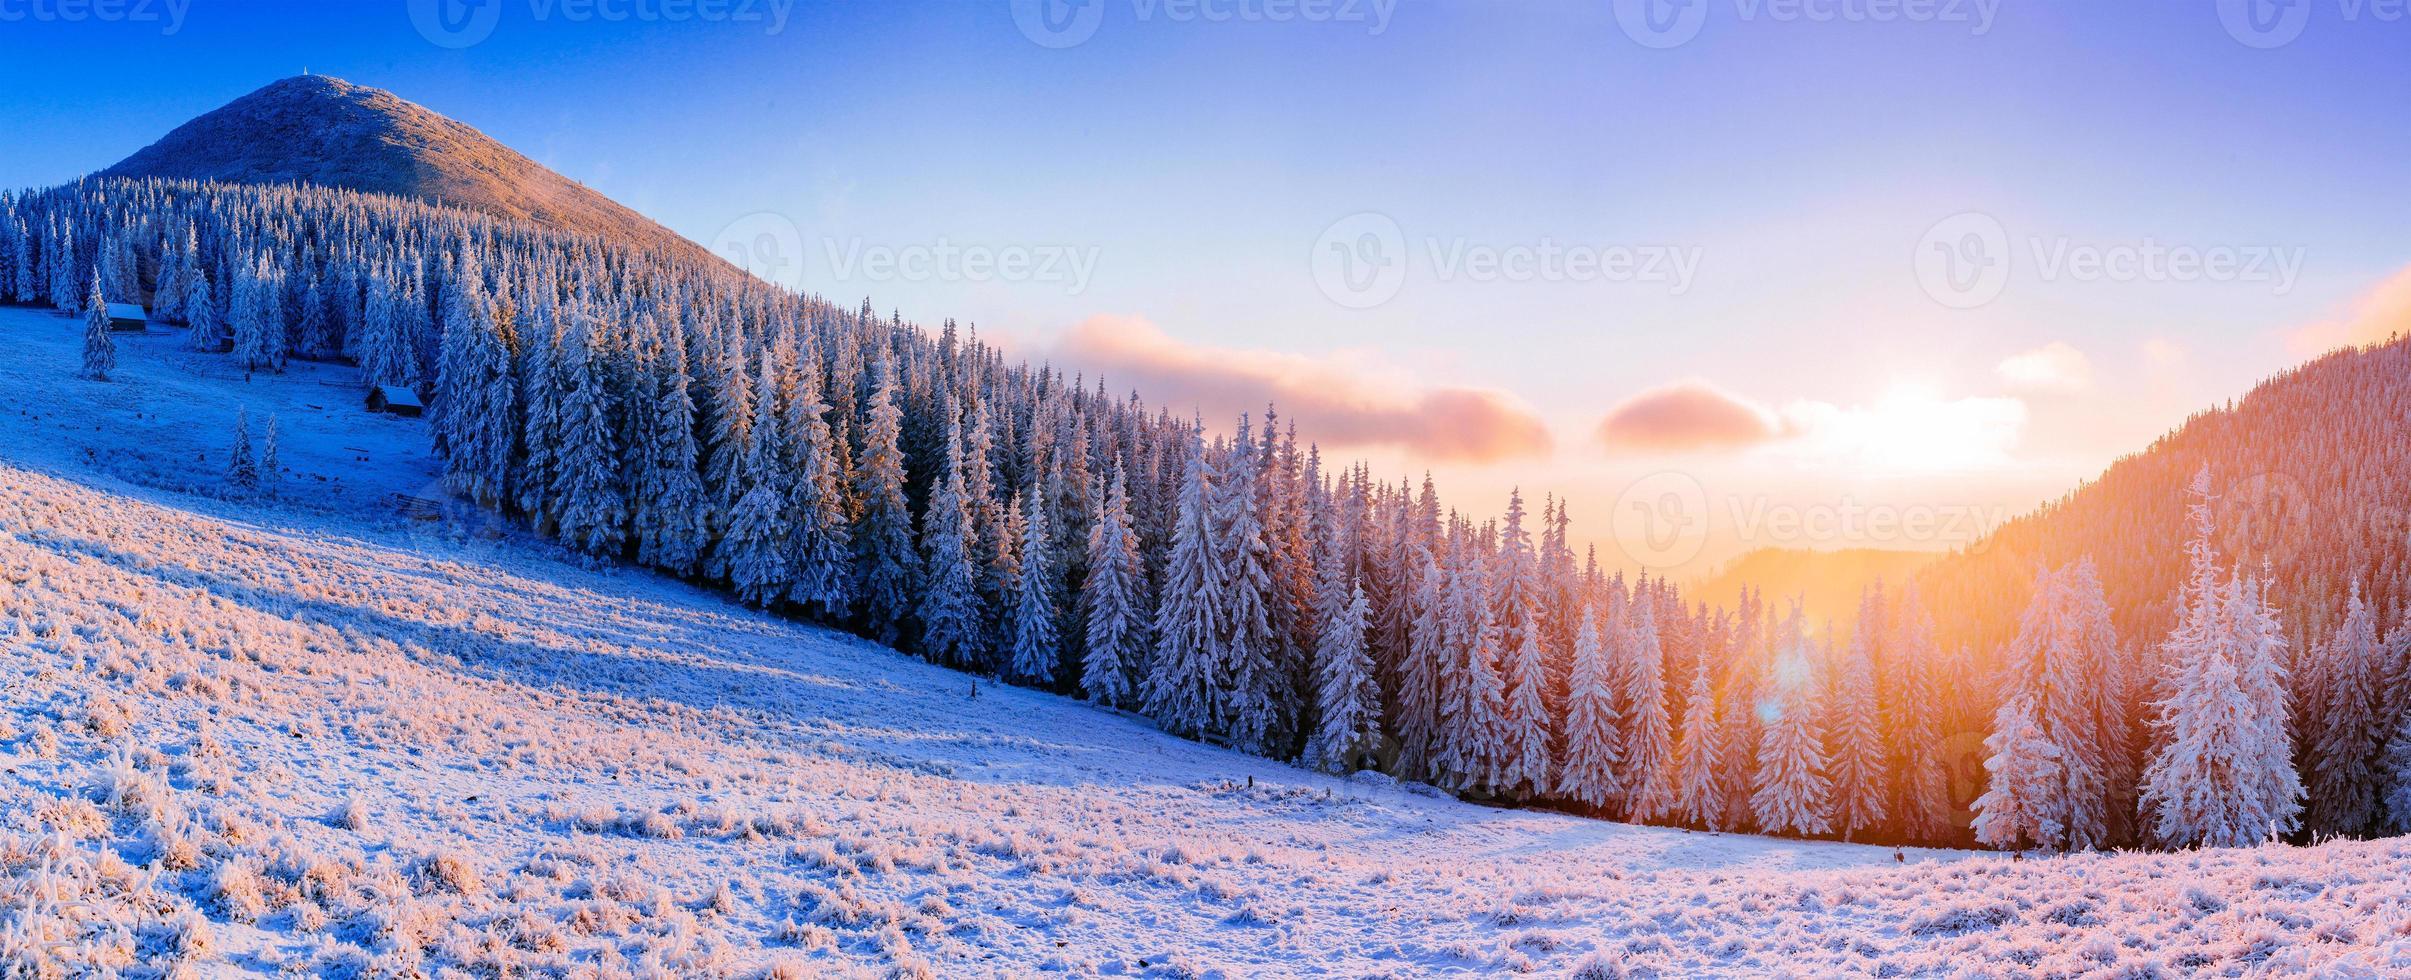 Winterlandschaftsbäume im Frost foto